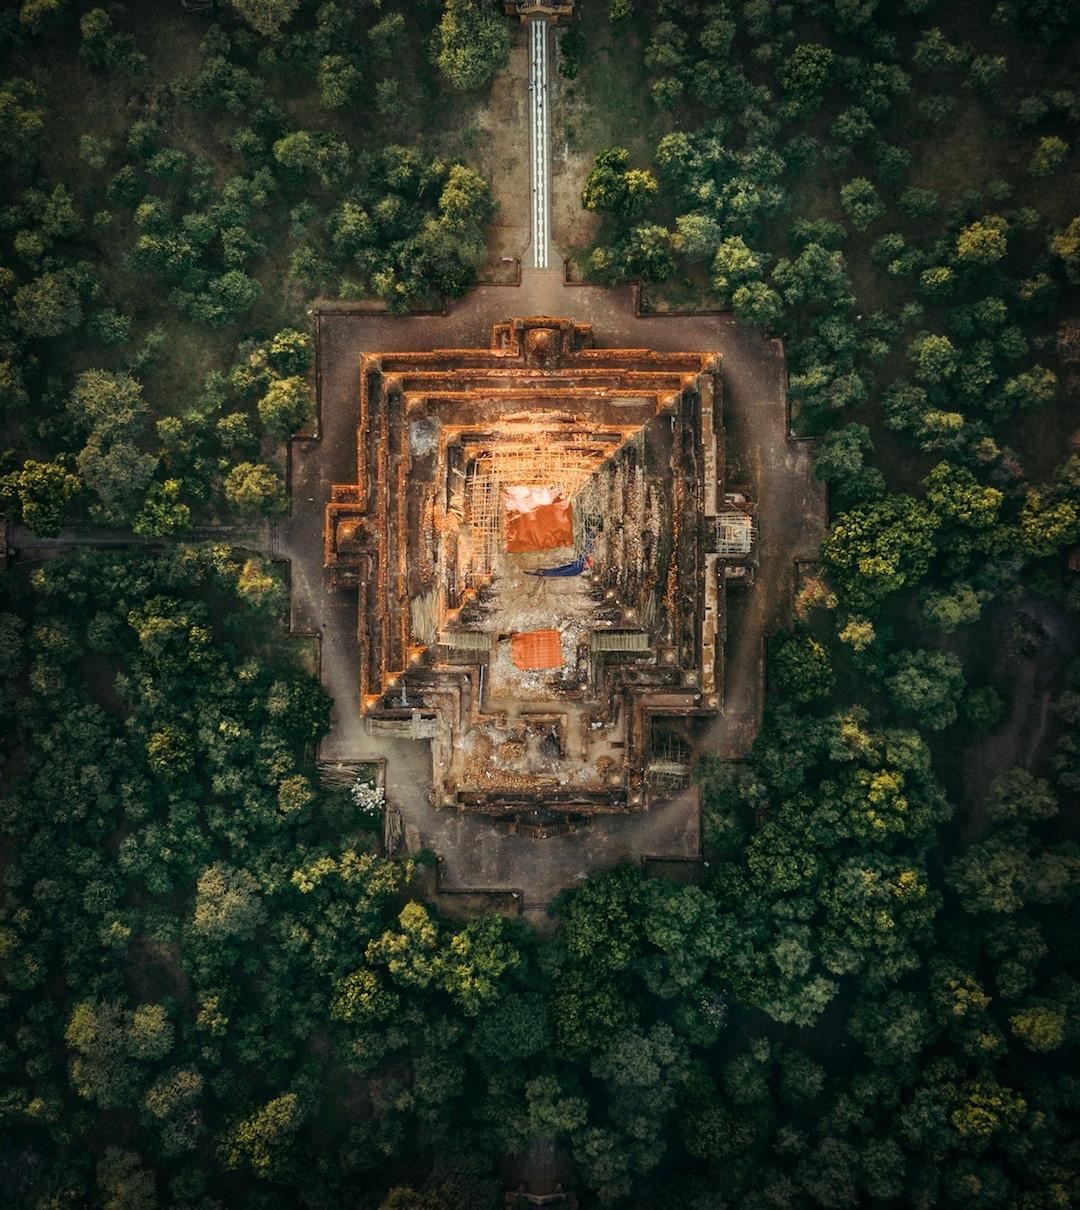 Chiêm ngưỡng loạt ảnh từ trên cao, Myanmar xứng danh ' đất nước của những ngôi chùa' Ảnh 1